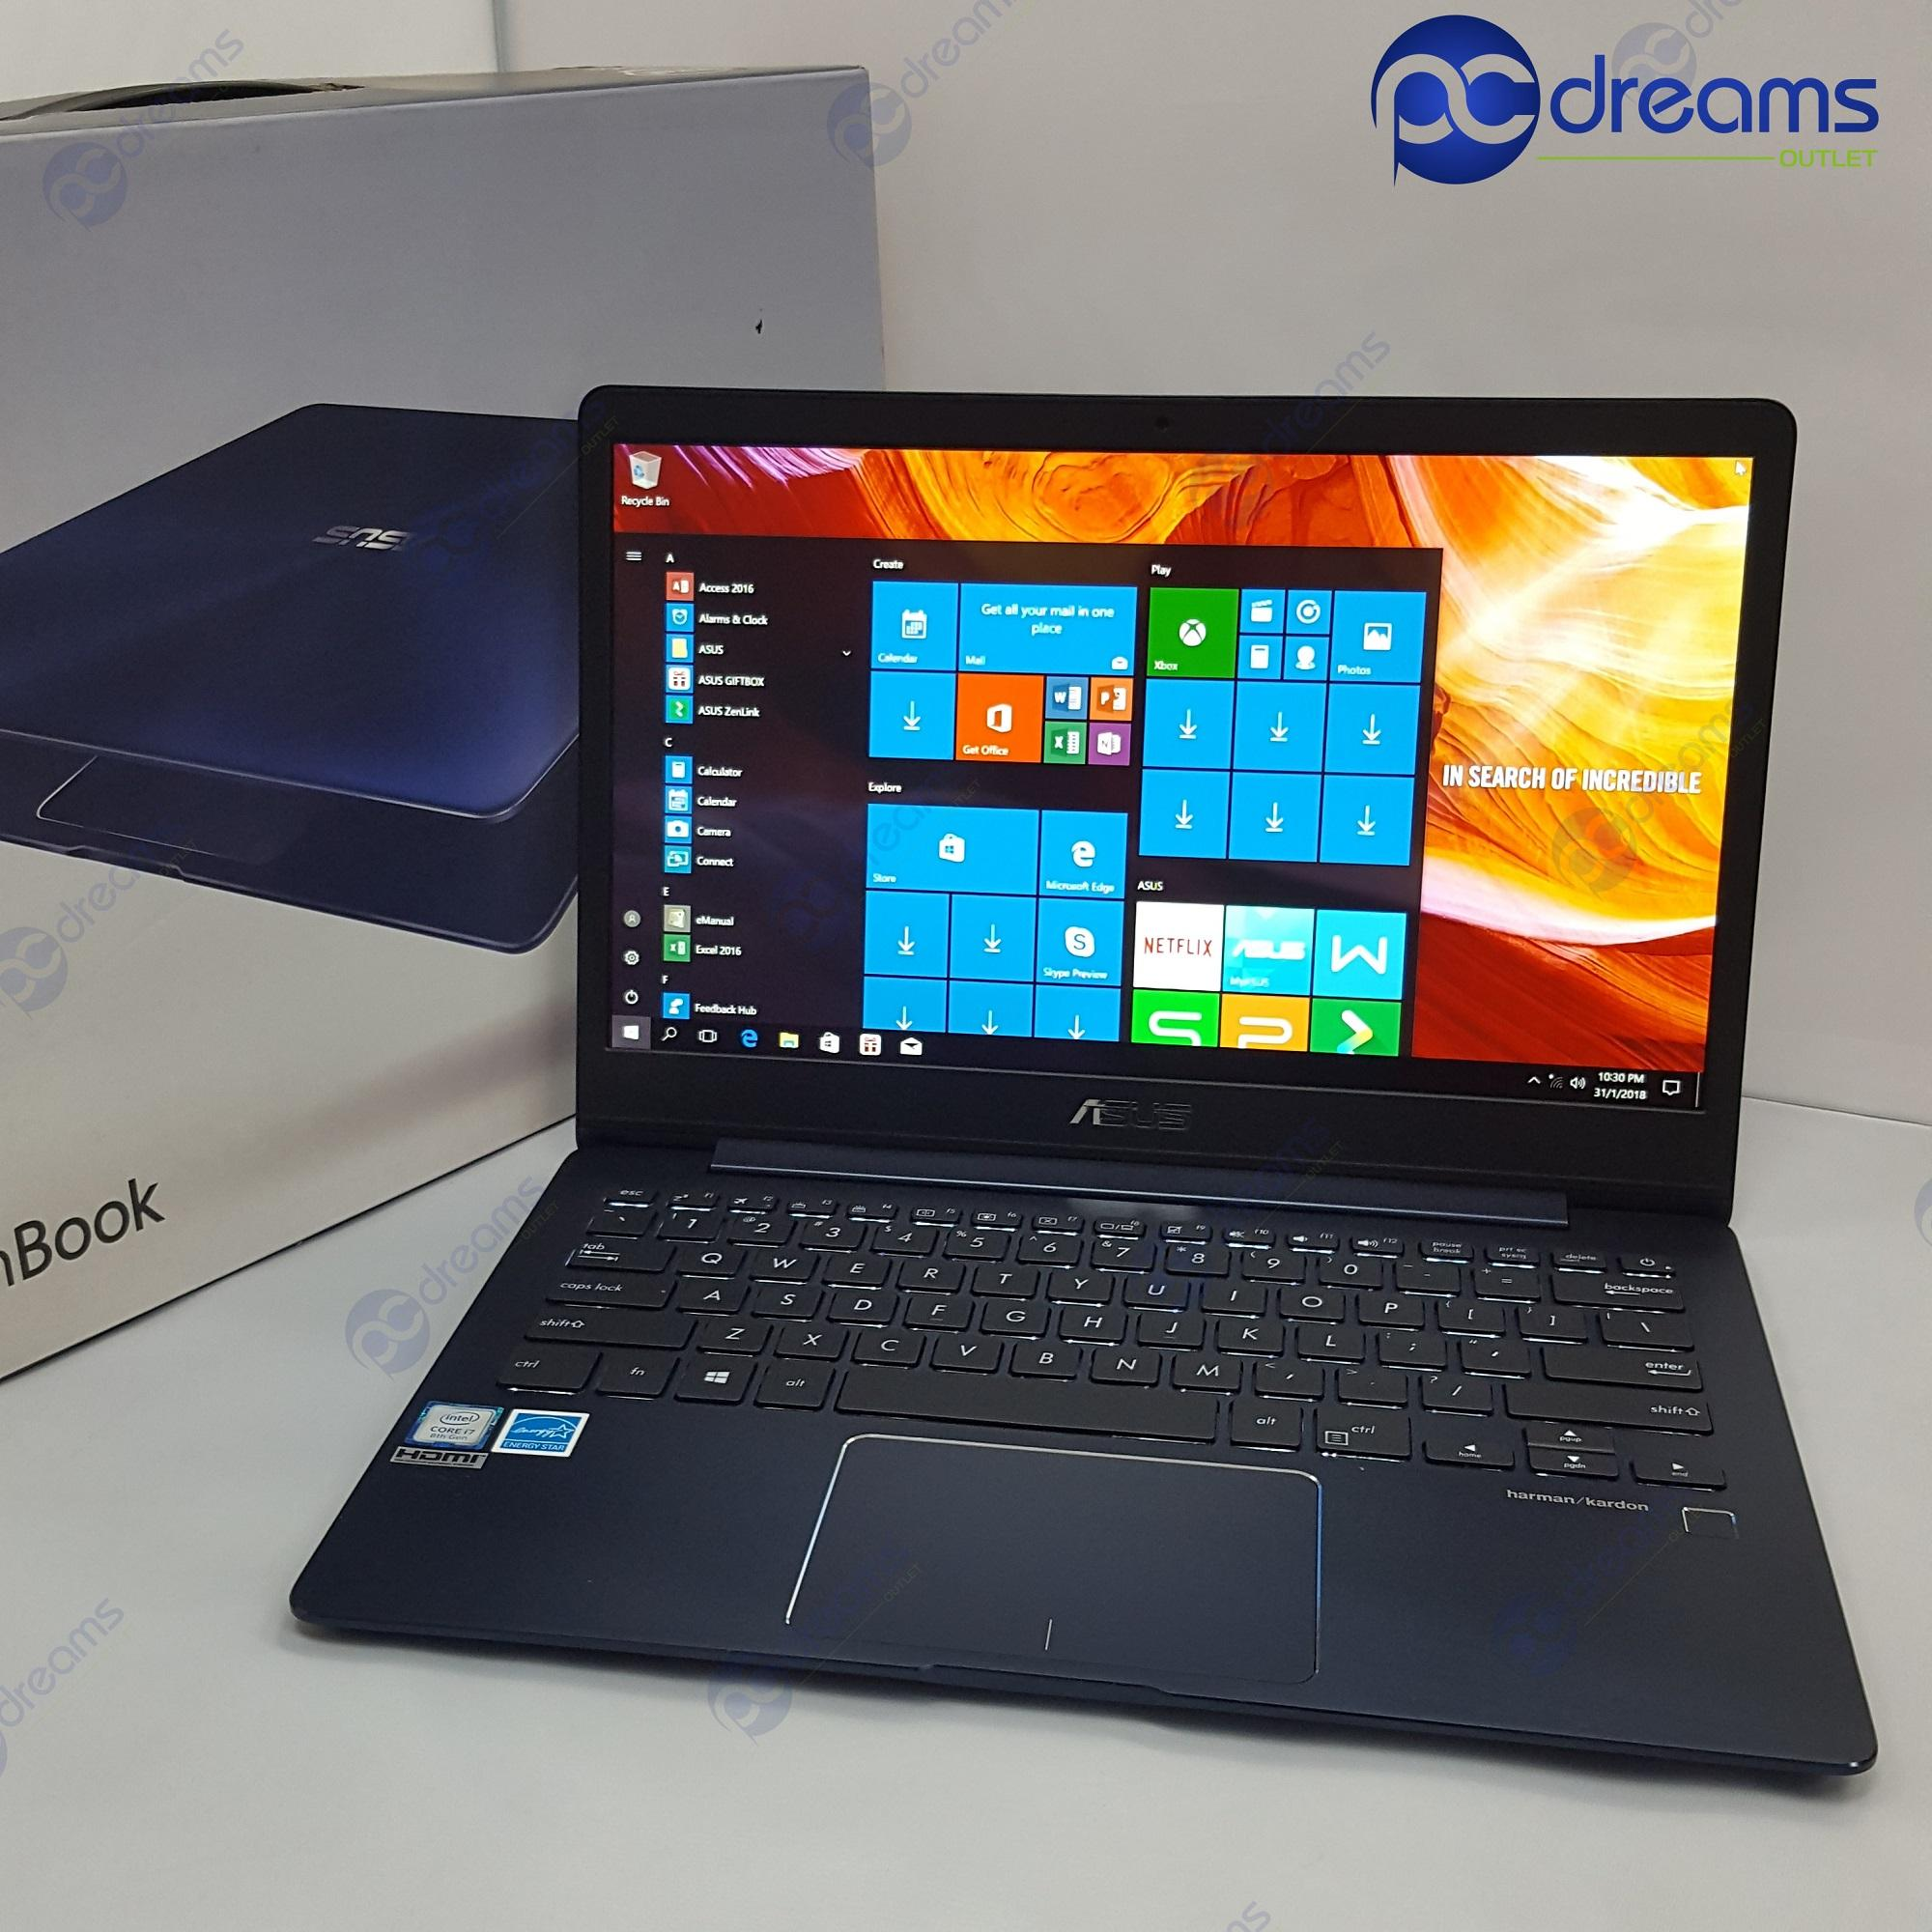 BEST LOBANG! ASUS ZENBOOK UX331UN-EG037T i7-8550U/8GB/256GB SSD [Premium Refreshed]